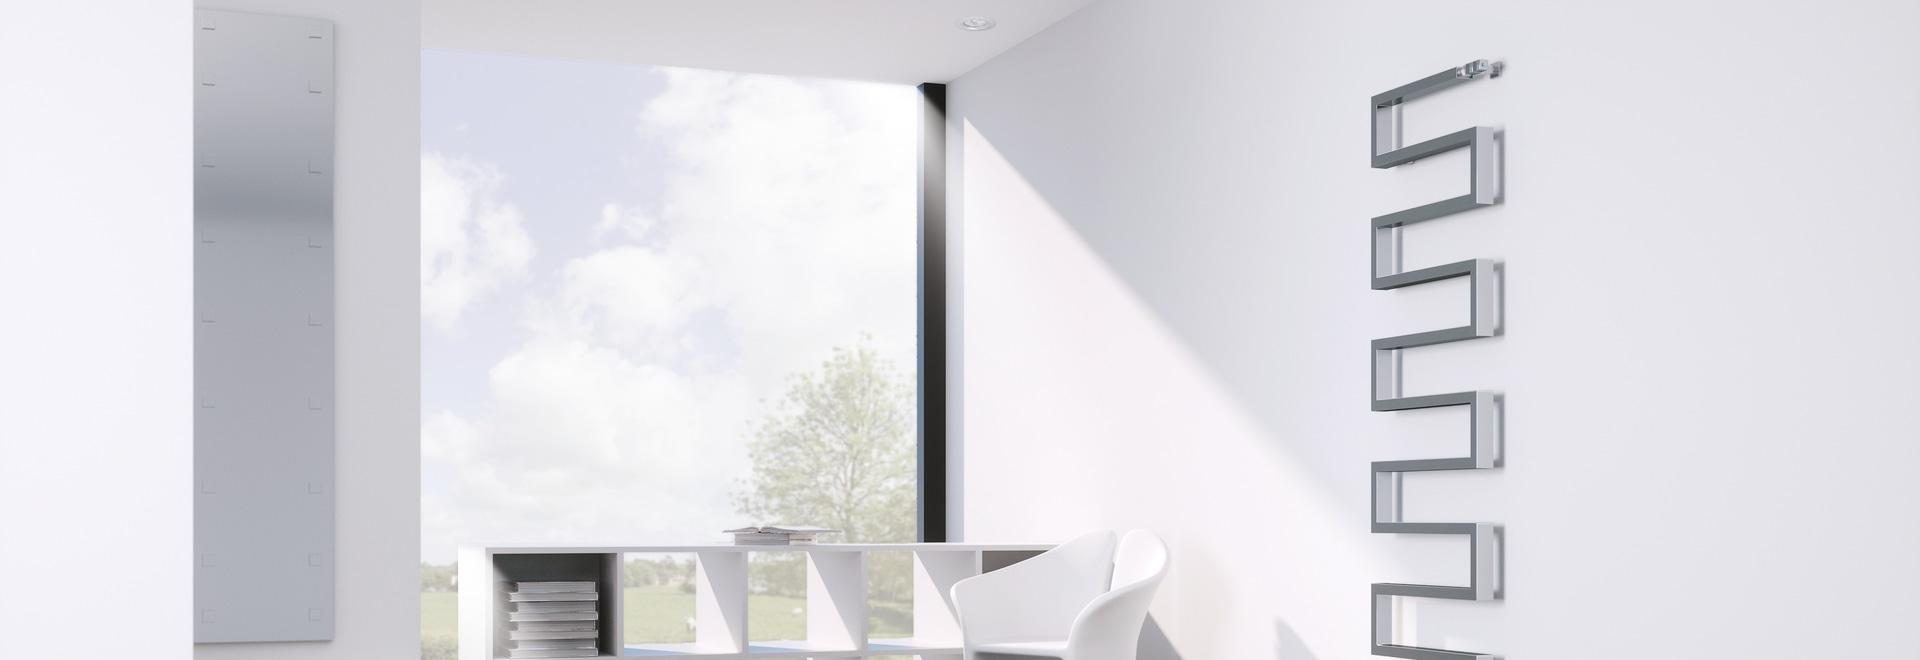 Scirocco H - concours chaud de conception